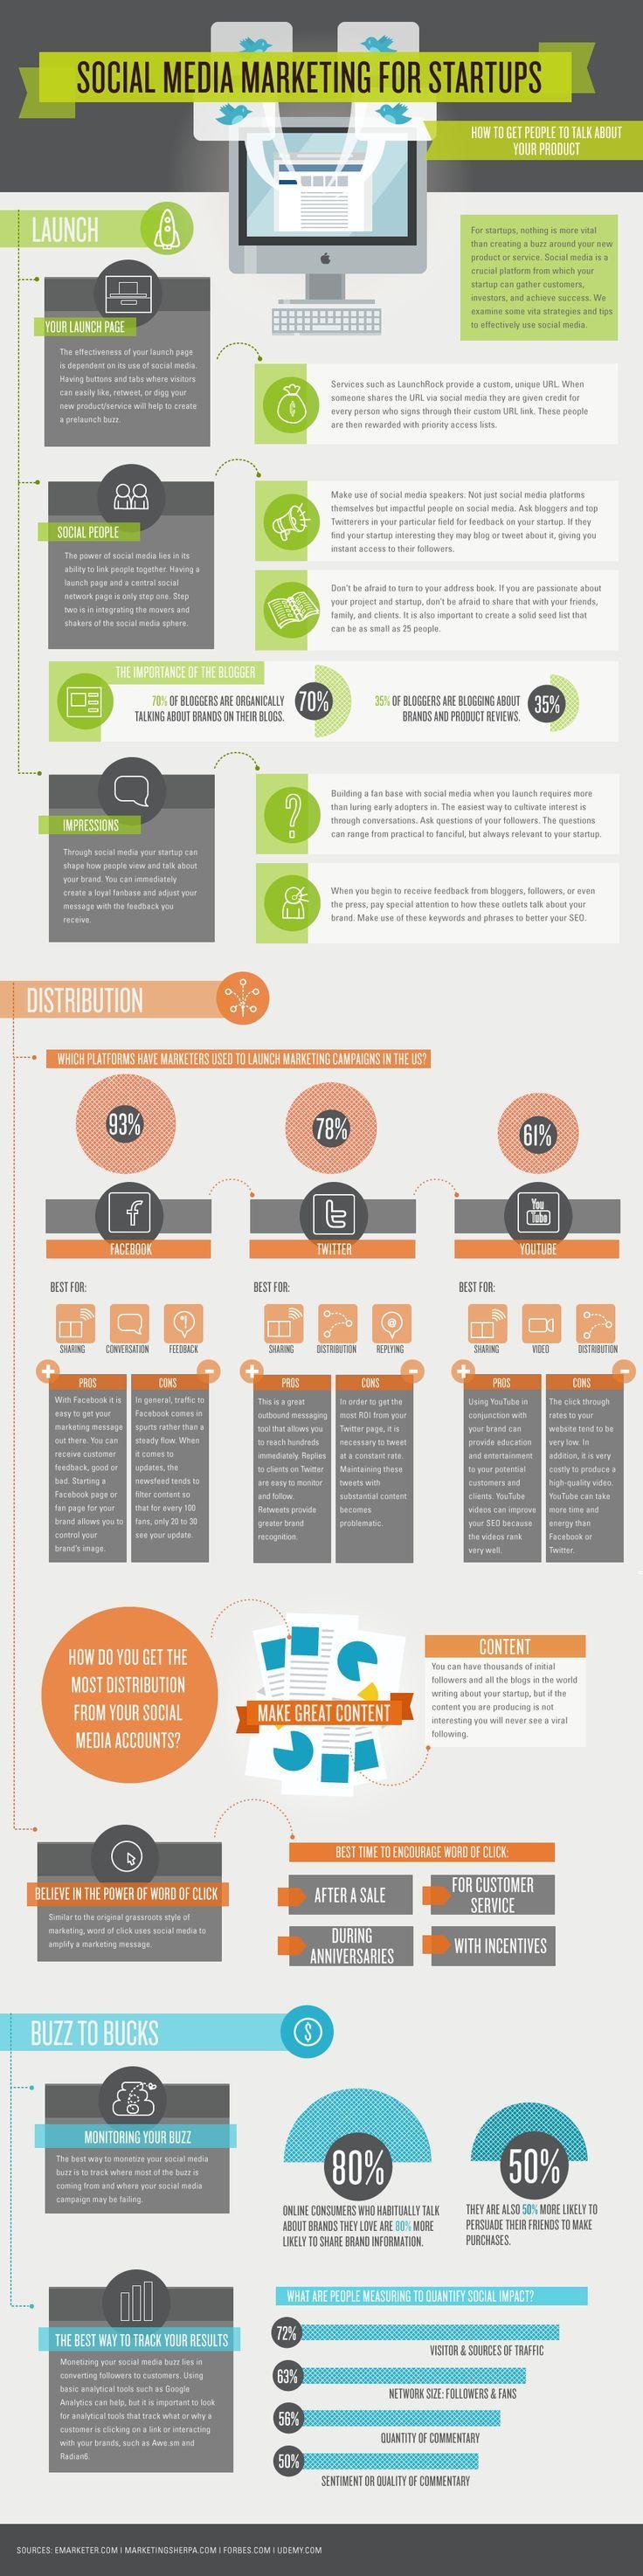 #SocialMediaMarketing tips for startups. #Infographic